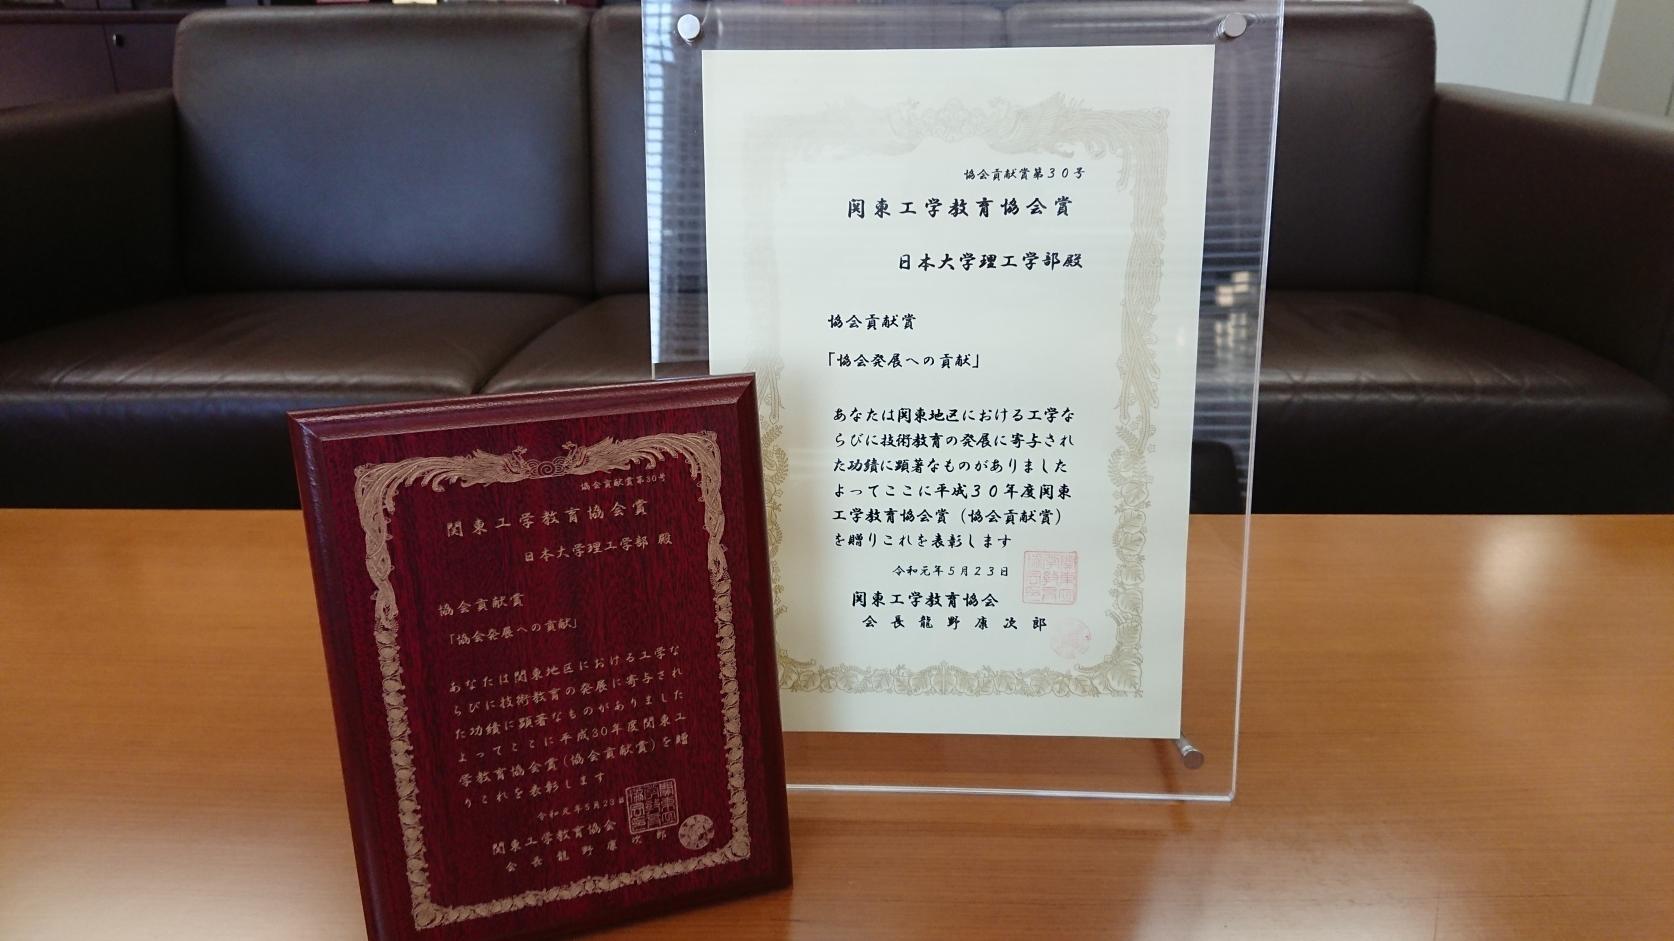 精密機械工学科 青木義男教授が「関東工学教育協会総会」において、「平成30年度関東工学教育協会賞 業績賞」を受賞しました。